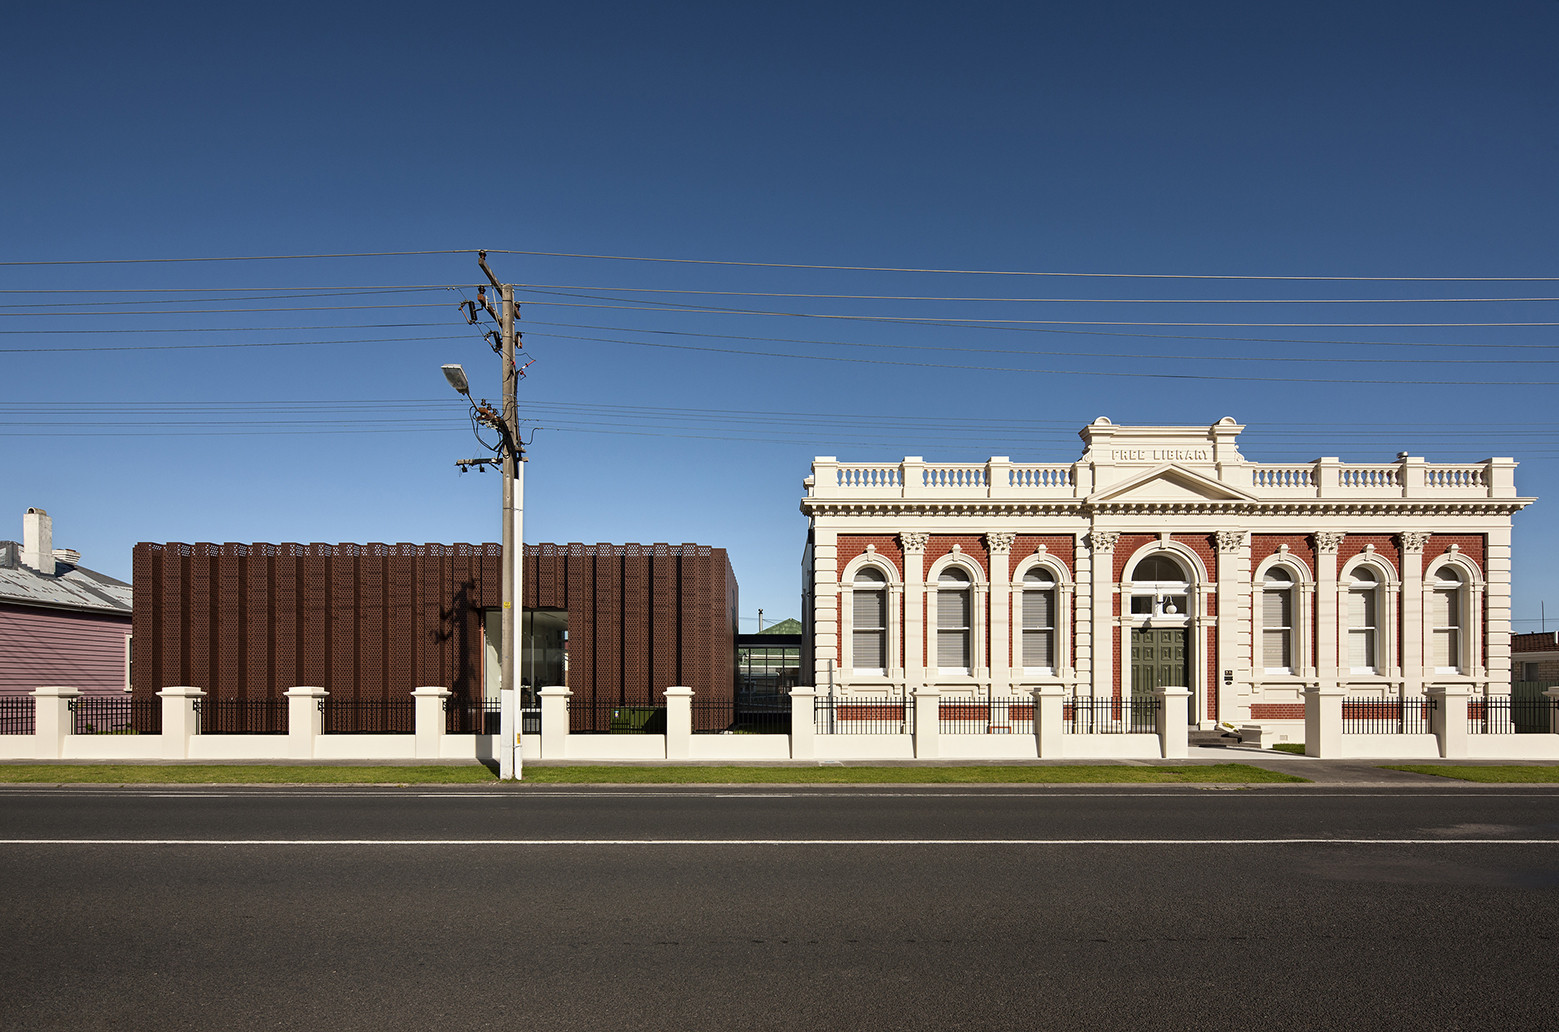 Centro de investigación y archivo The Treasury / Architectus, © Simon Devitt